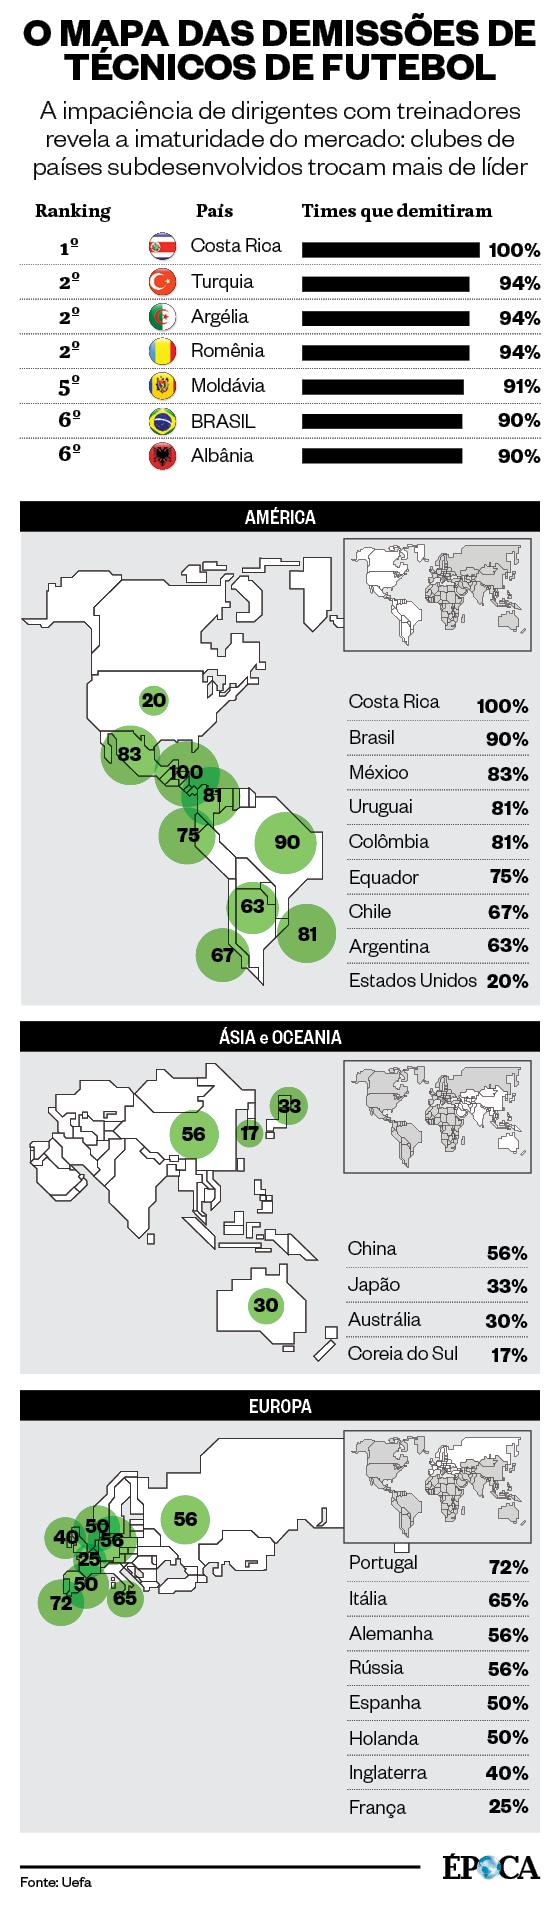 O mapa das demissões de técnicos de futebol (Foto: Infografia ÉPOCA)